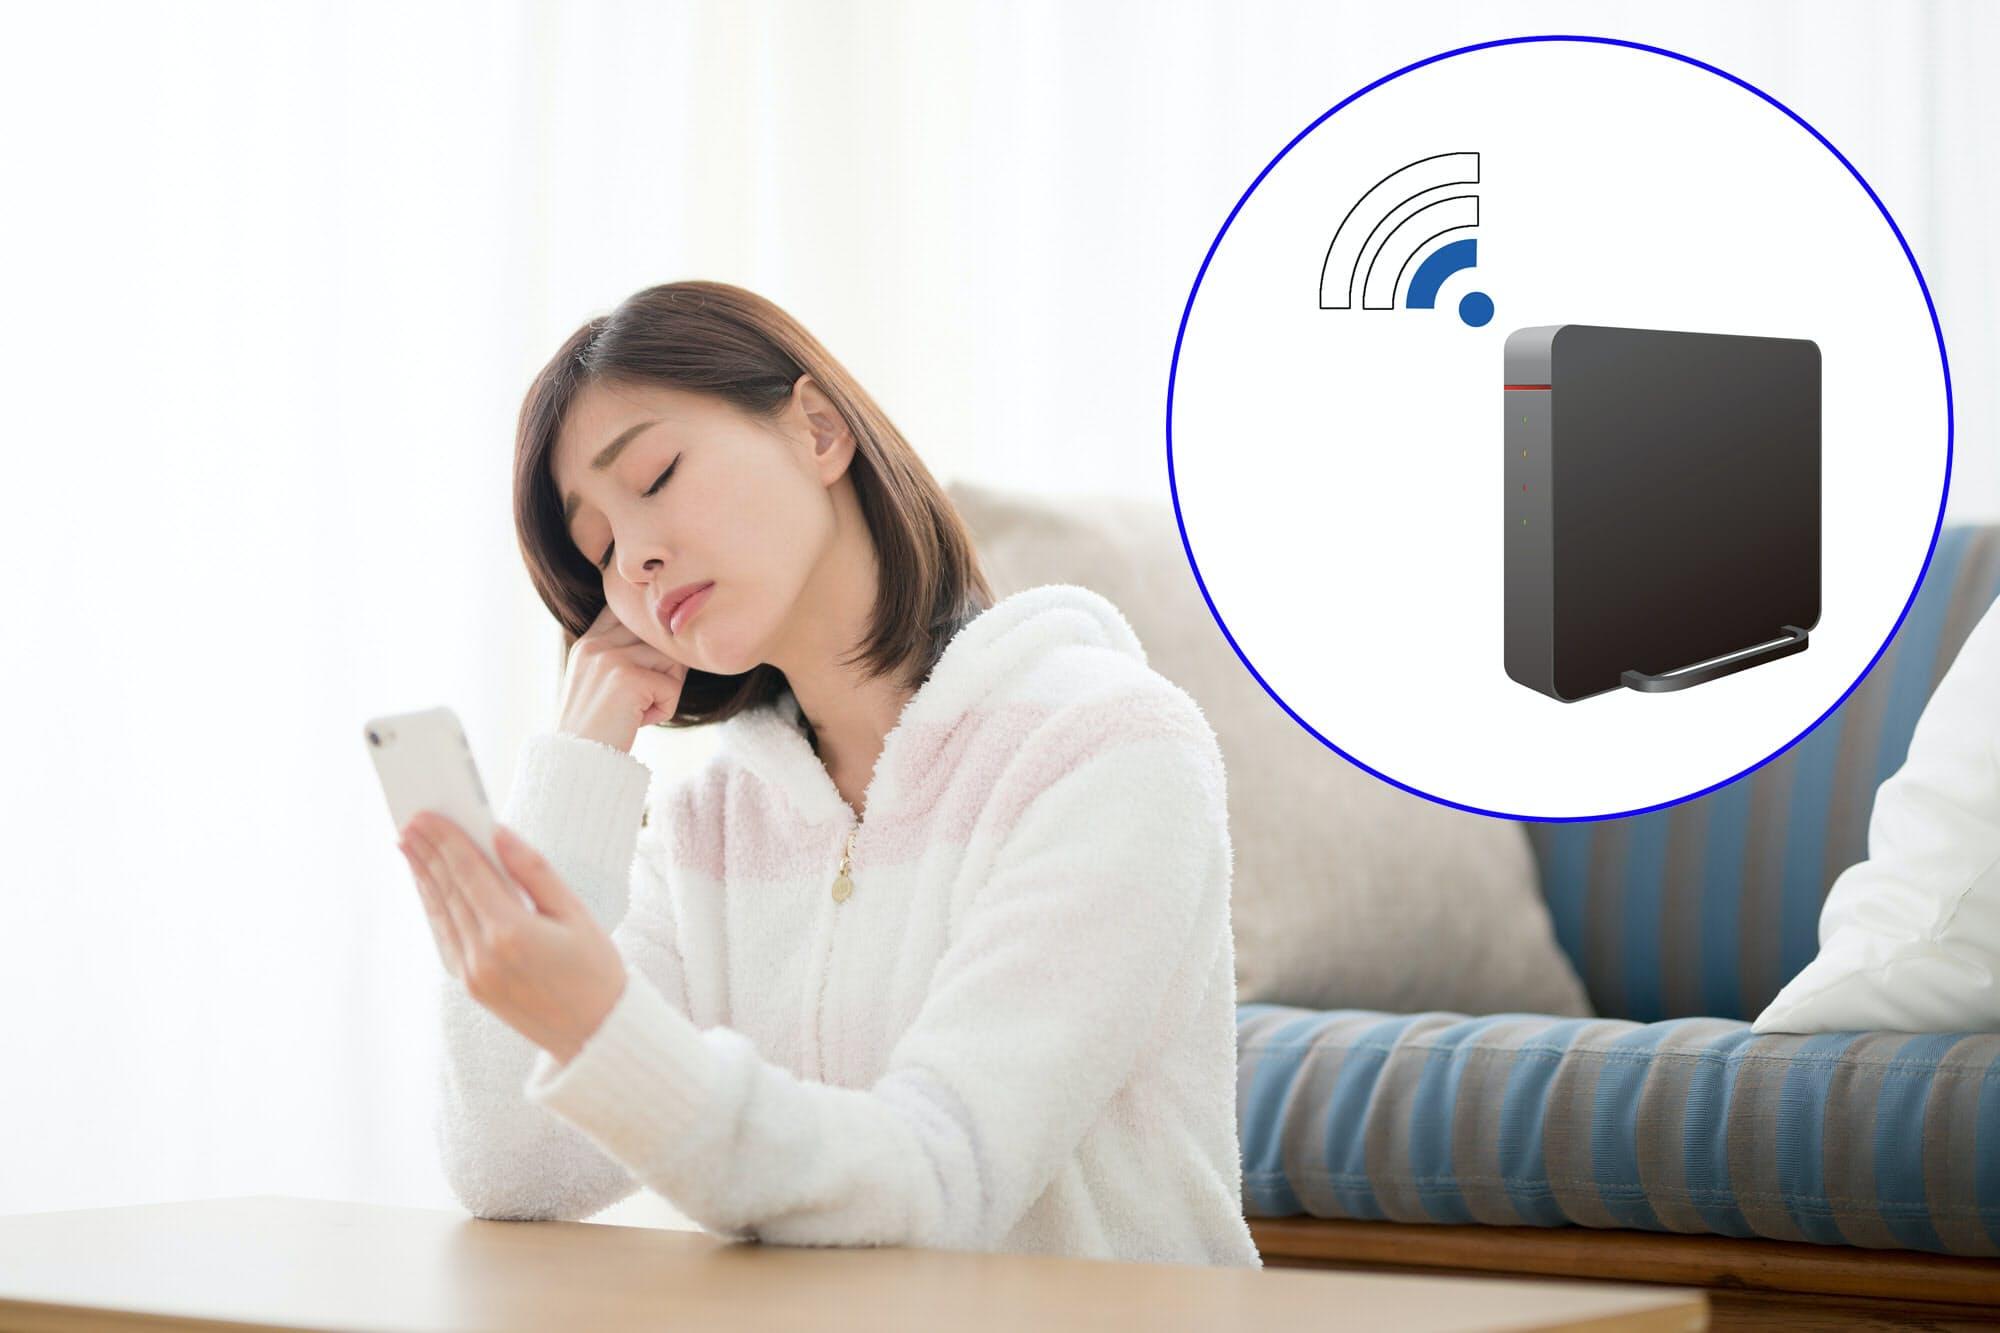 自宅のWi-Fiが遅い そんなときに試したい改善策3つ MONO TRENDY